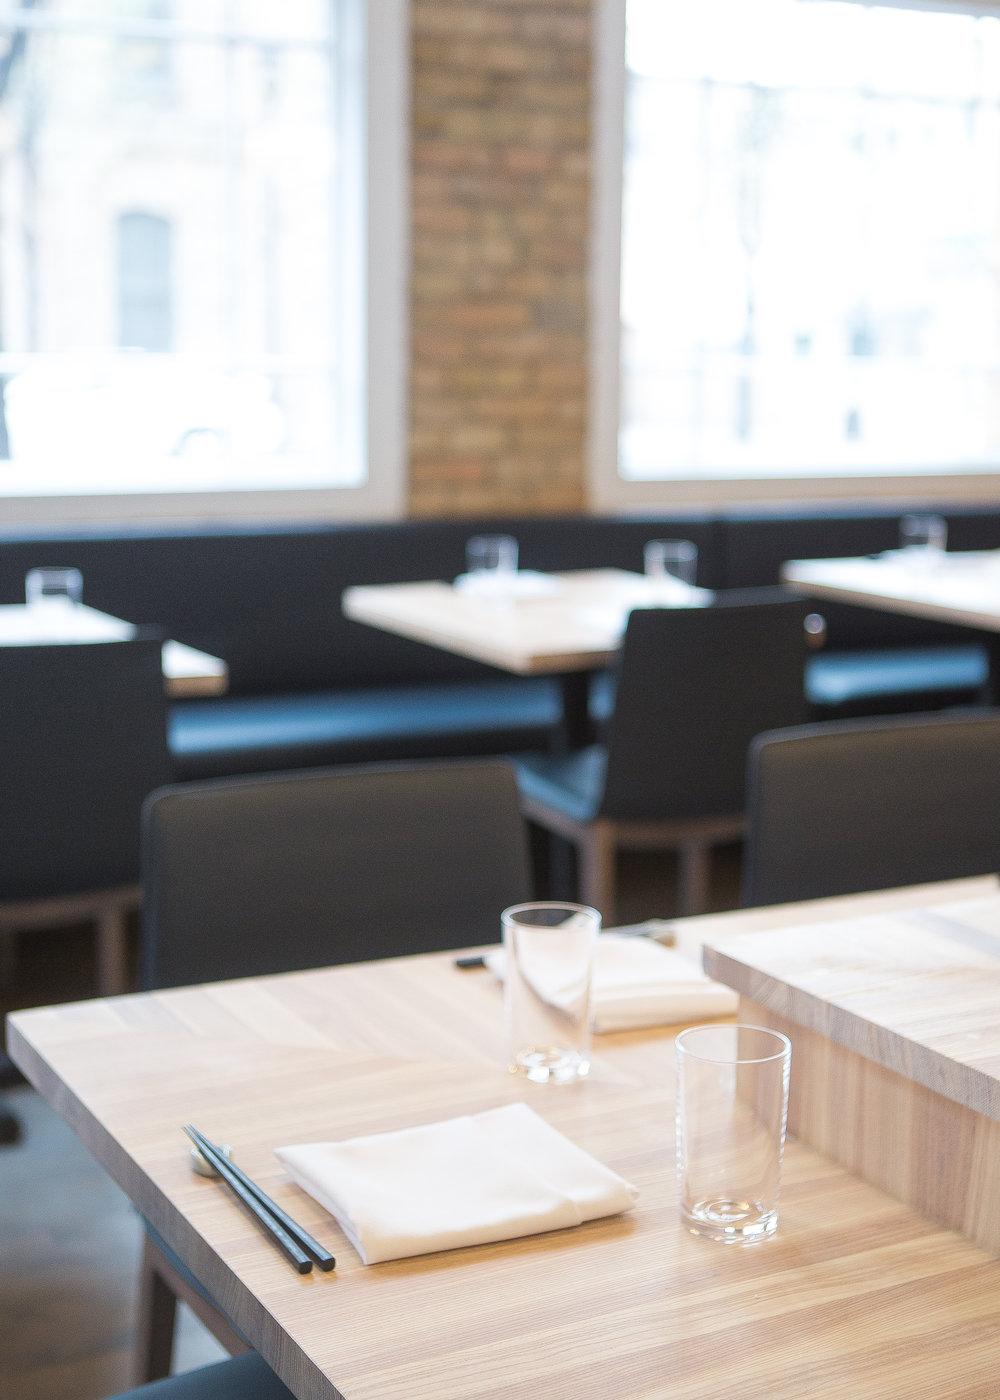 custom wood bar corner detail in restaurant